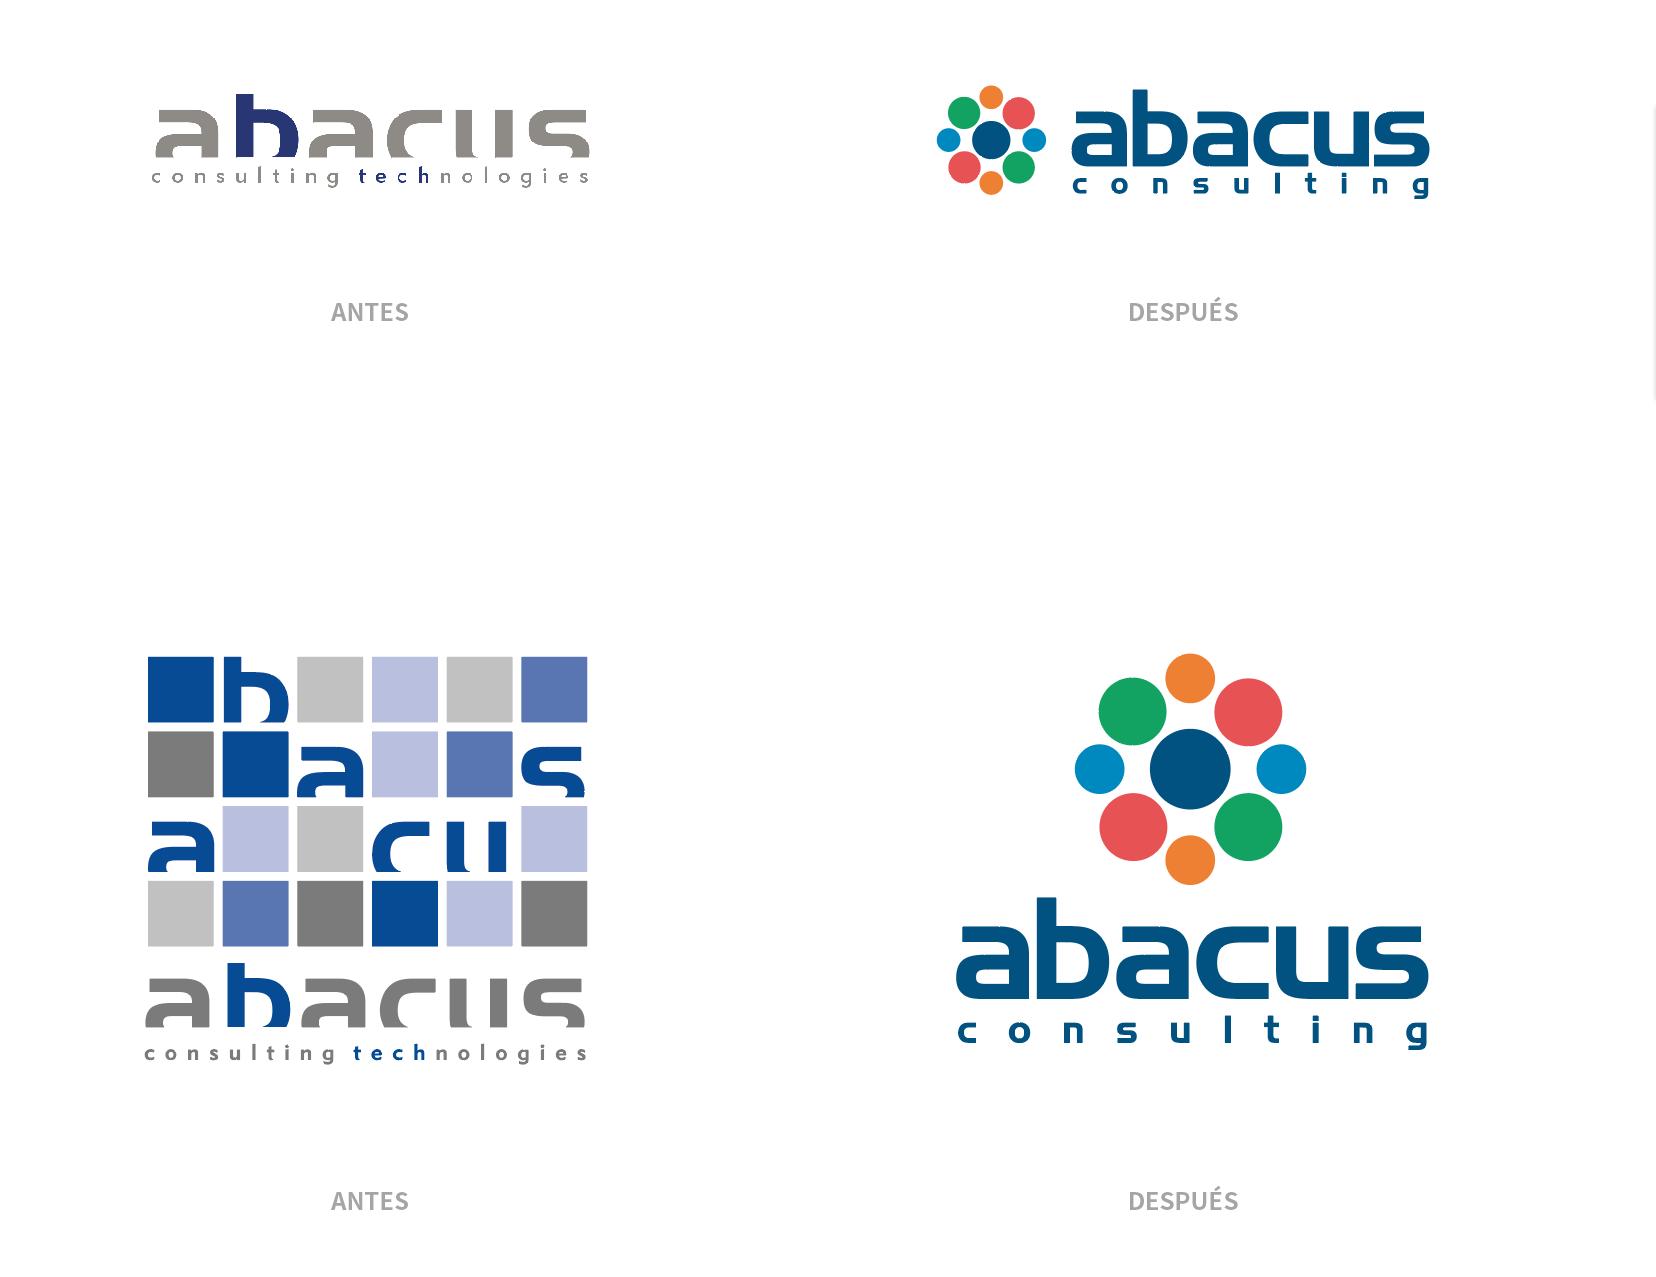 Logotipo de Abacus Consulting Technologies, antes y después de su rediseño.